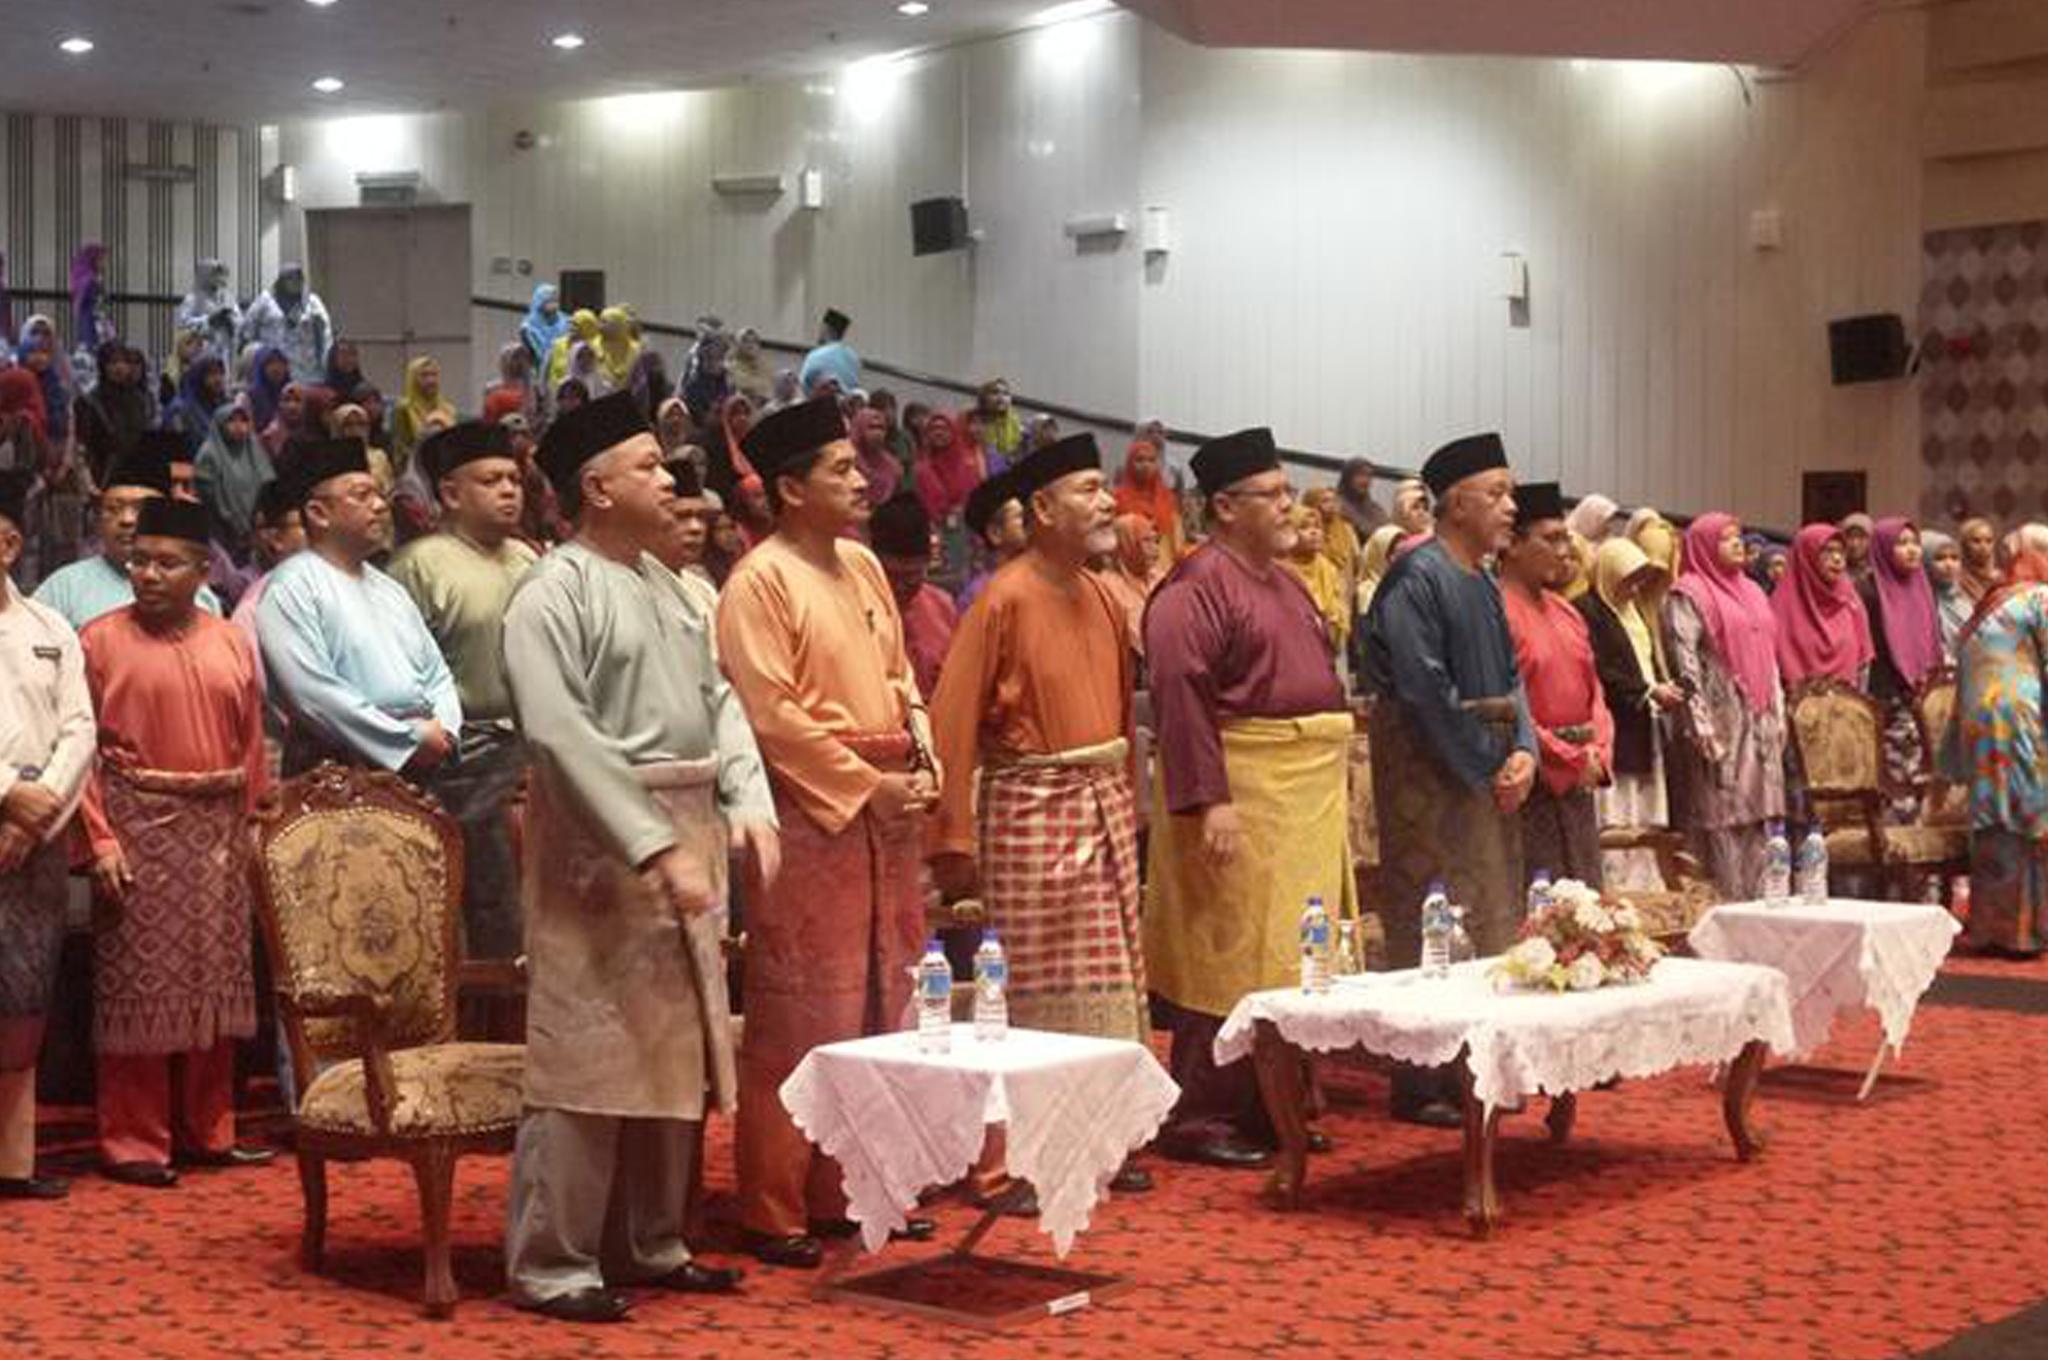 Majlis Perhimpunan Pagi Pusat Islam Iskandar Johor bagi bulan November dan Majlis Budimu Dikenang pada 01 November 2018